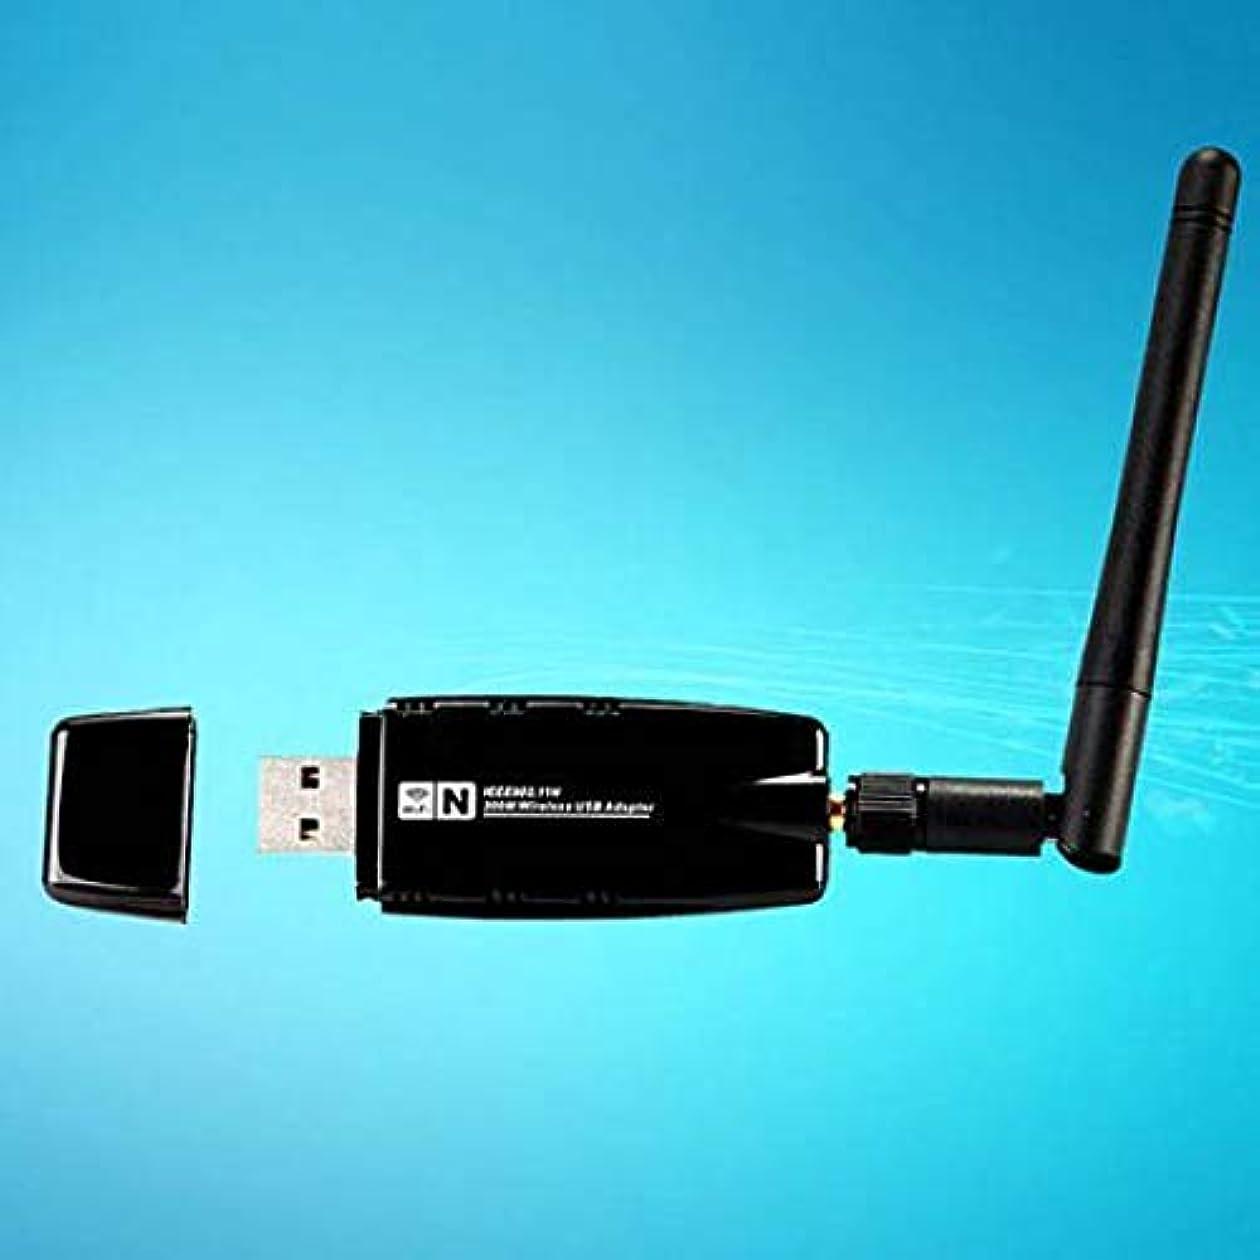 組シャンパンセラーFAIYIWO ポータブルモバイルホットスポット 300 Mbps 日付レート USB WiFi ドングルアダプター + アンテナ FAIYIWO